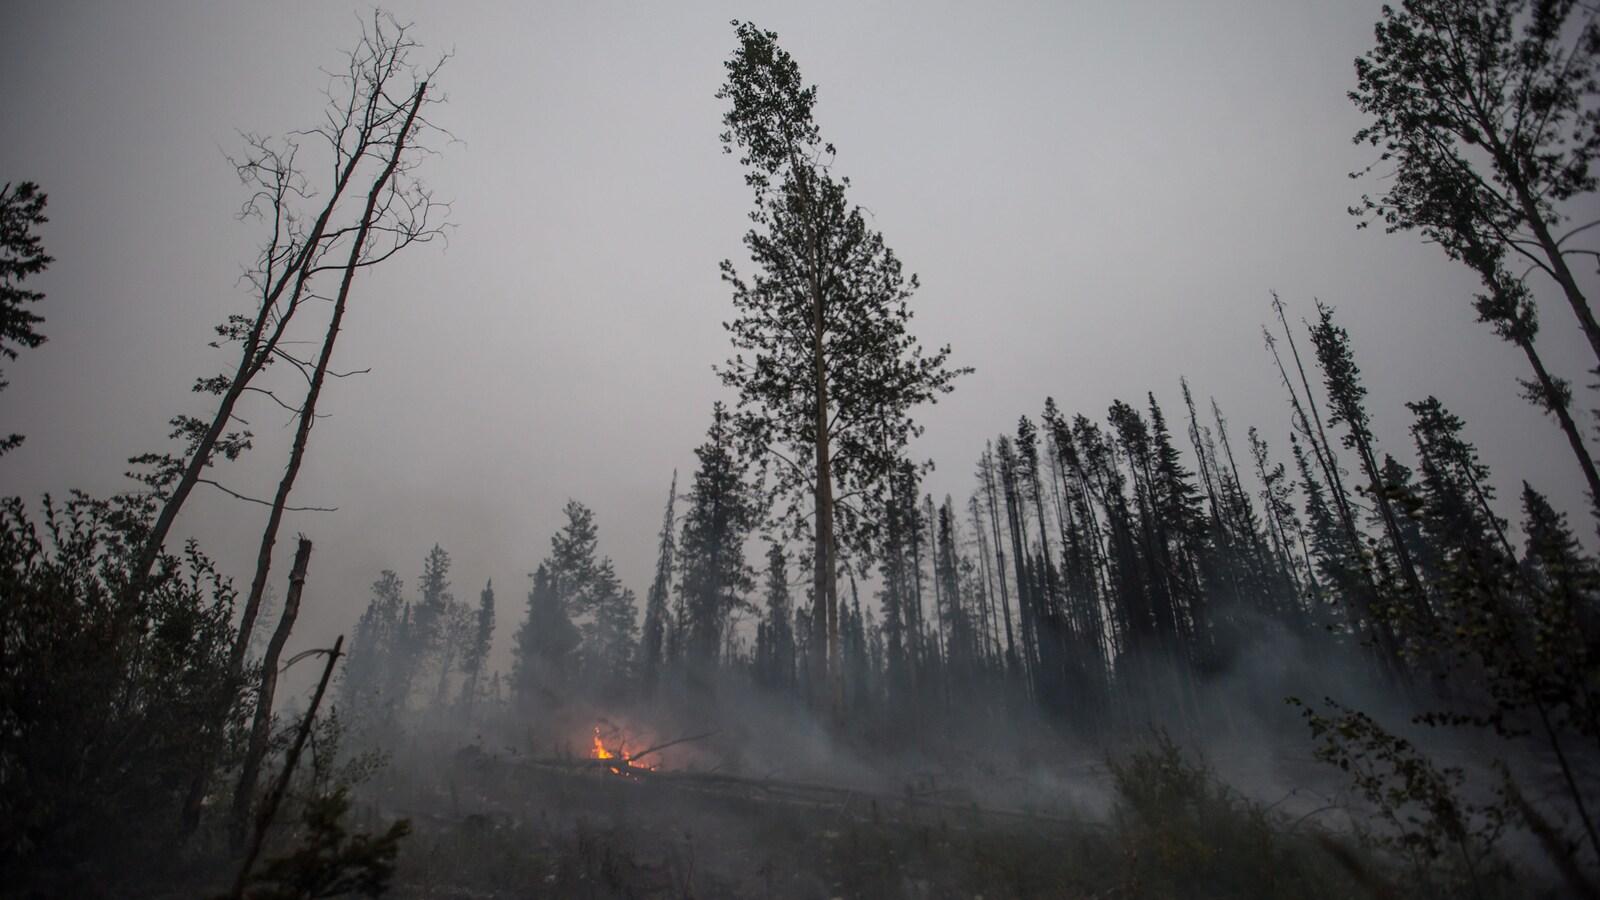 Une forêt noircie par le feu, avec quelques flammes brûlant encore.